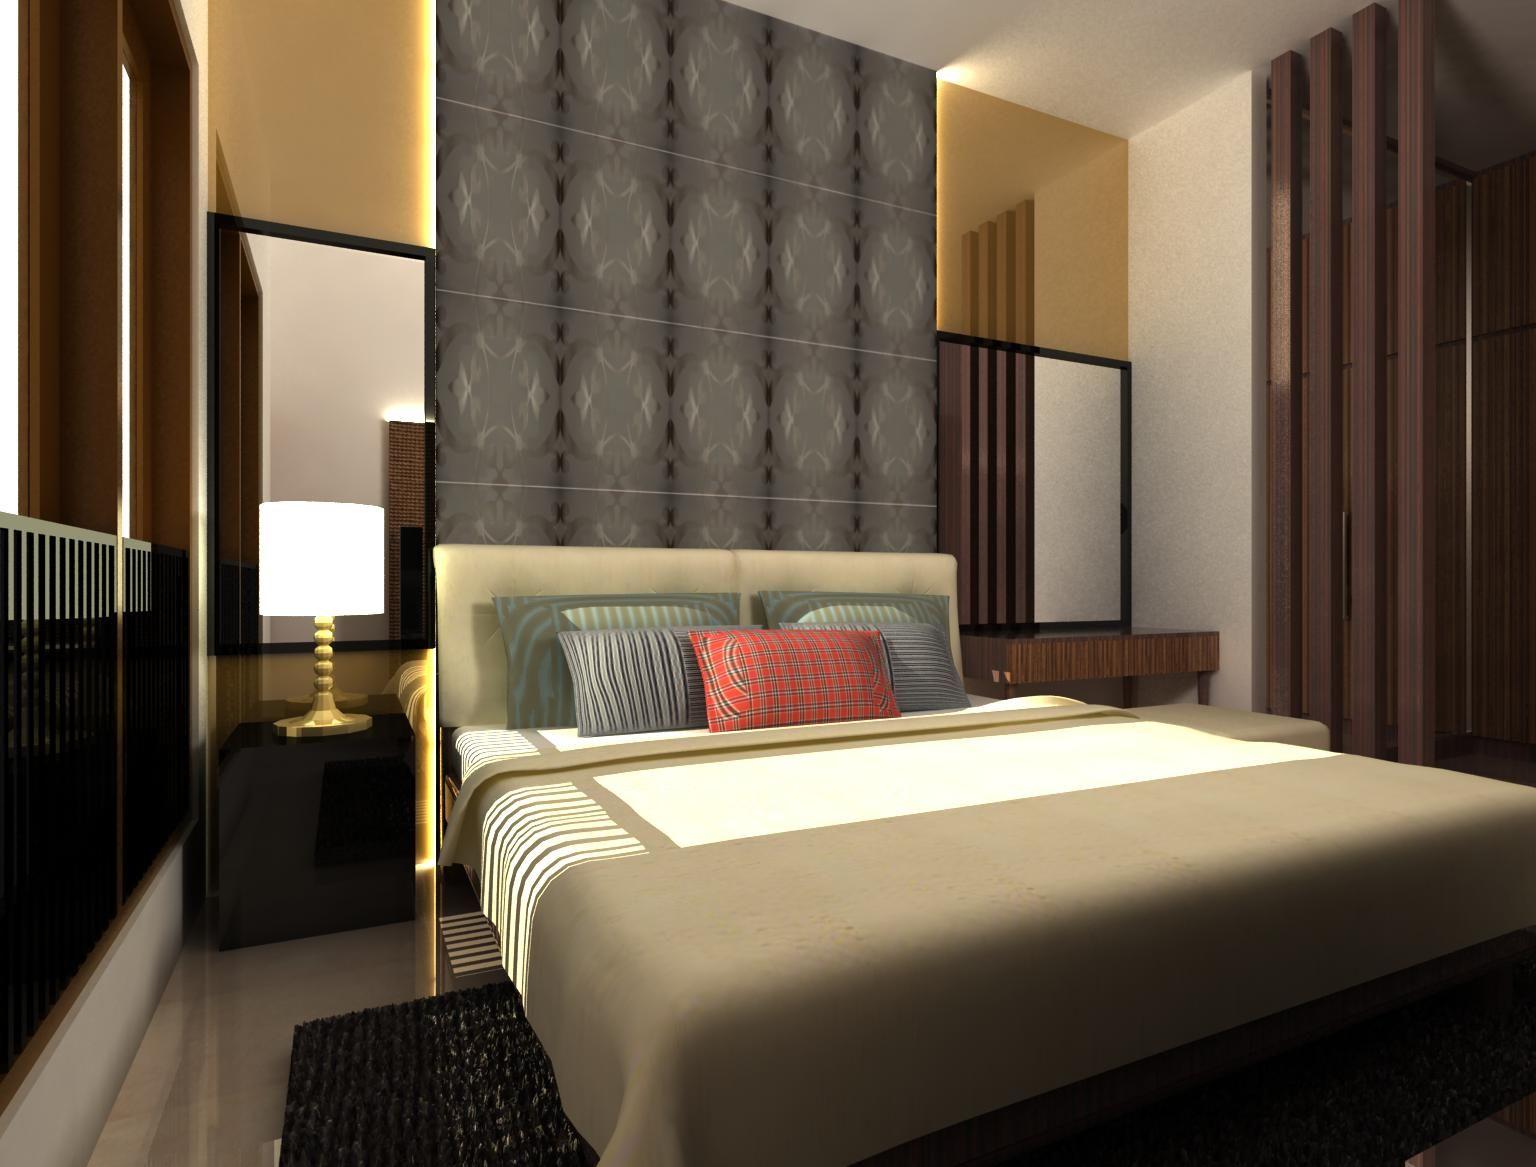 Desain Interior Kamar Tidur Sederhana 4 3 Di 2020 Desain Interior Interior Kamar Tidur Utama